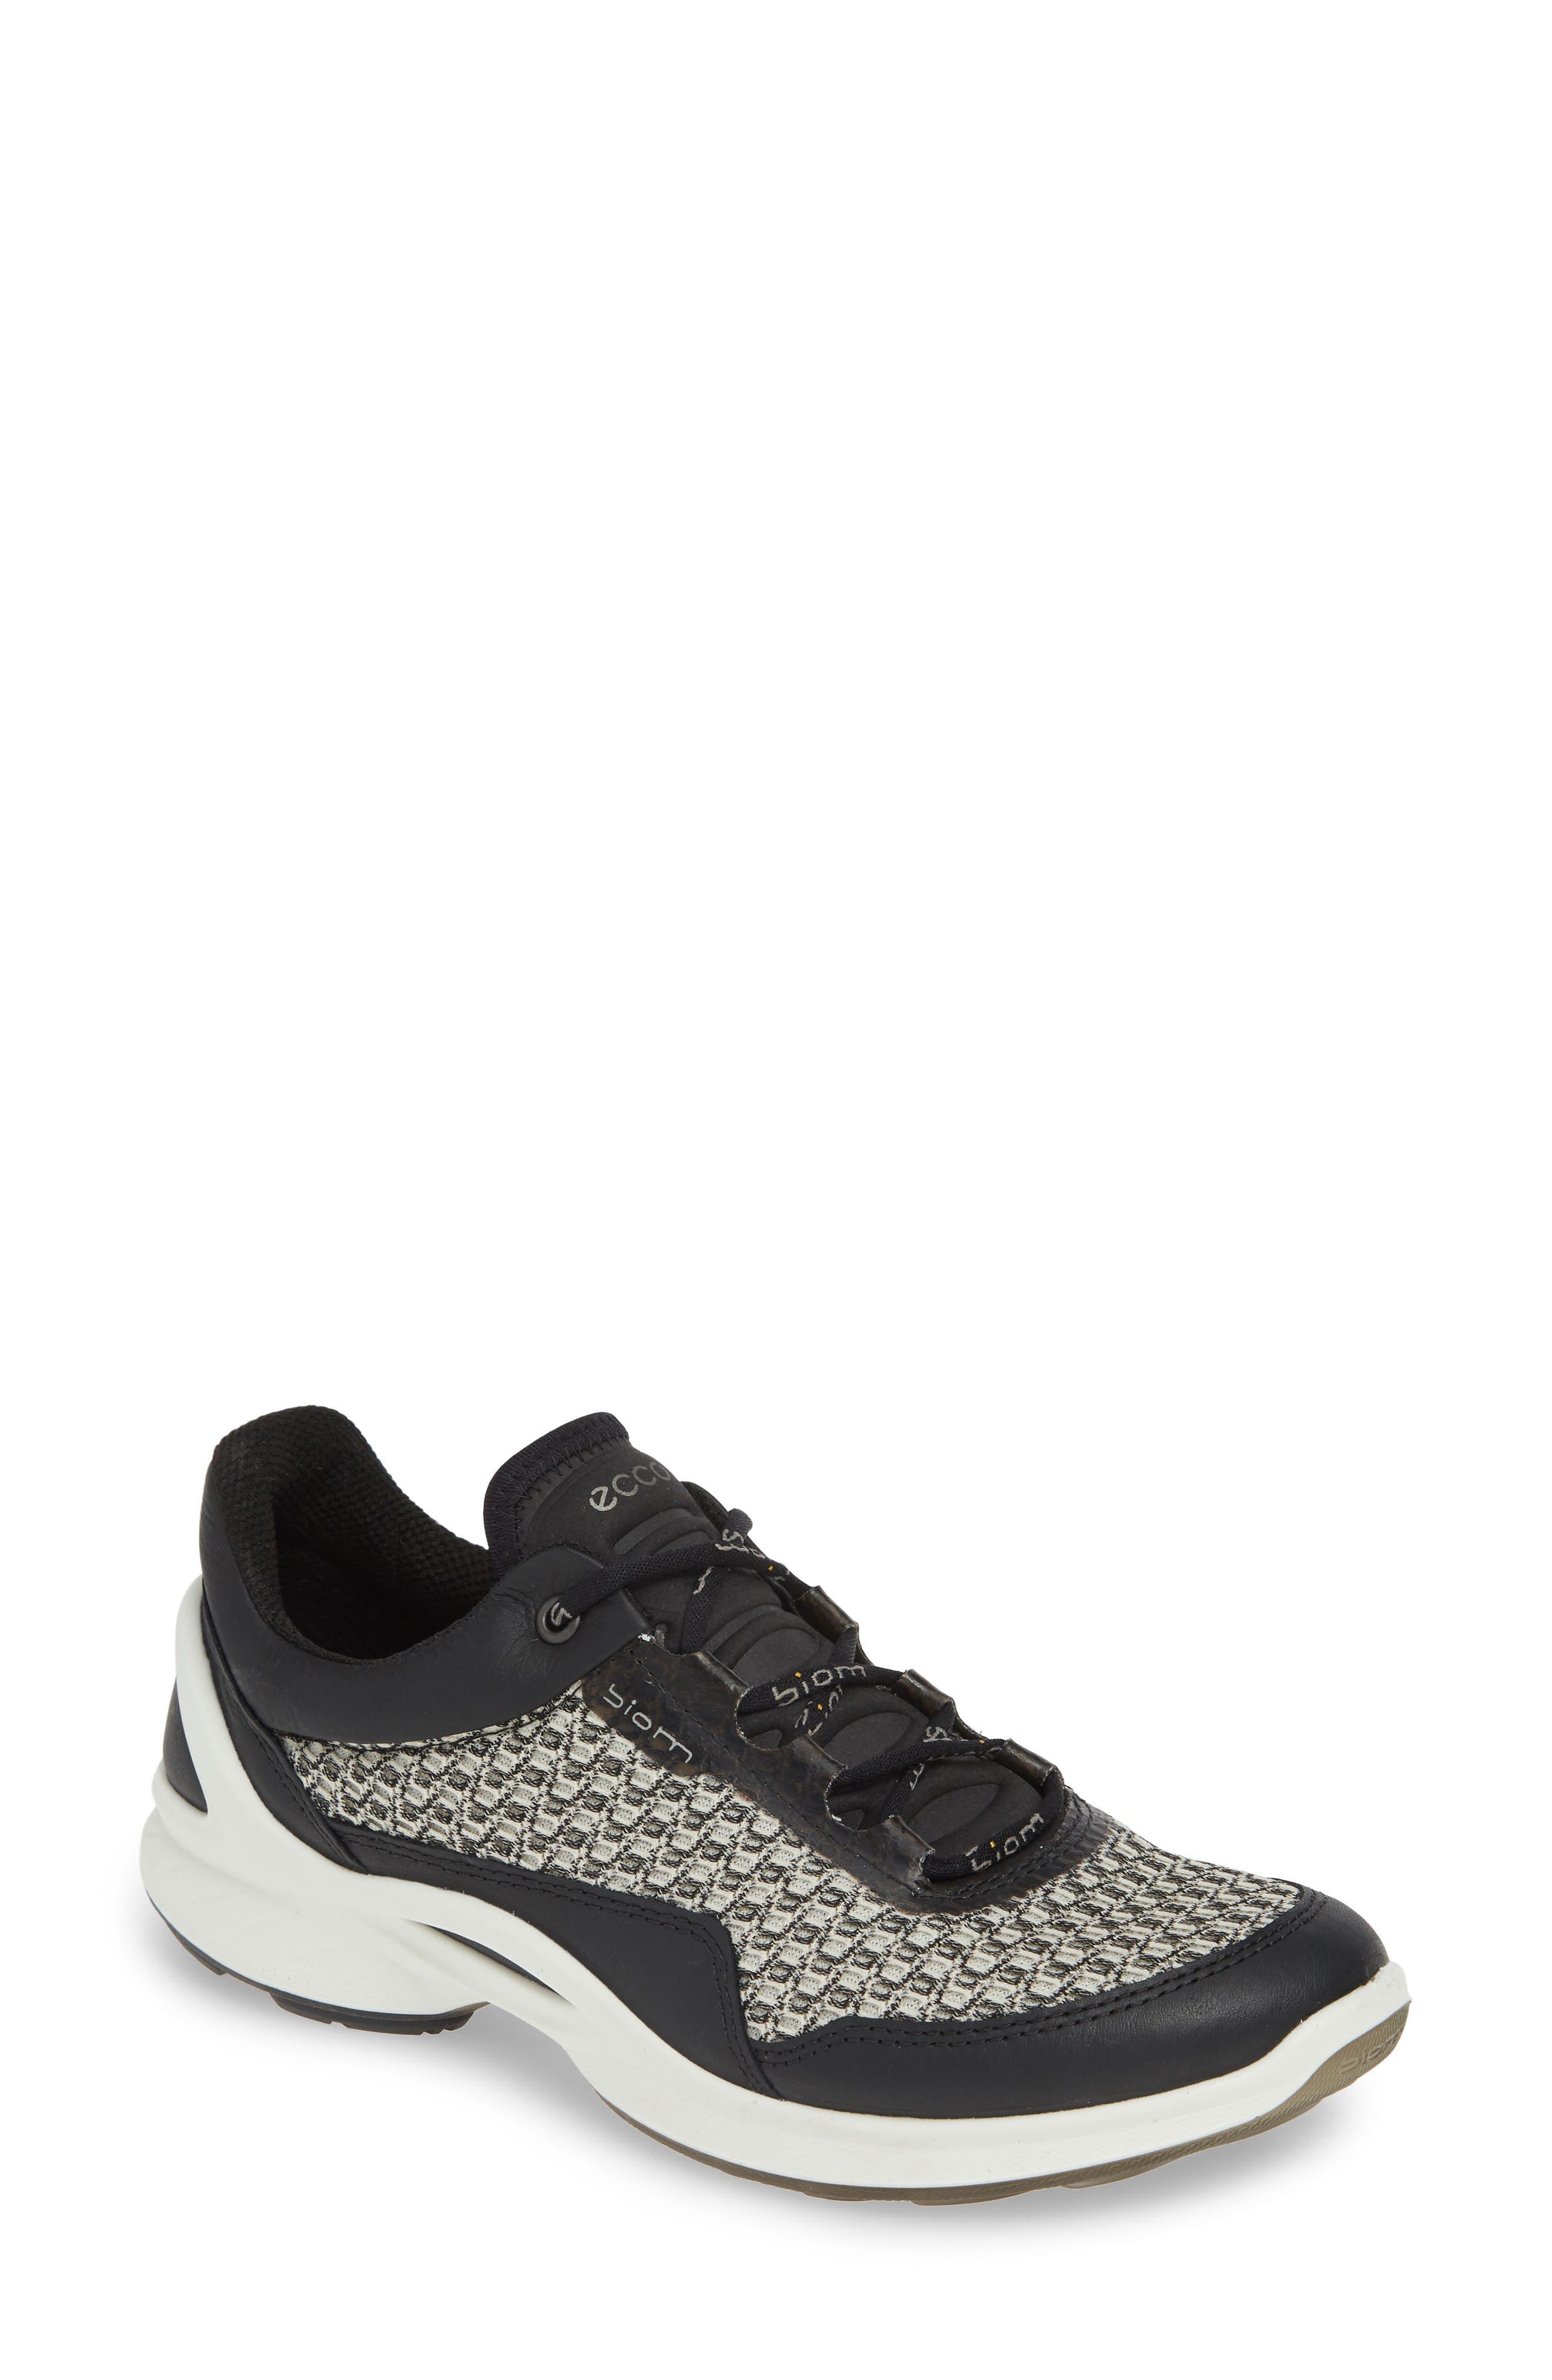 Ecco Biom Fjuel Sneaker, Black